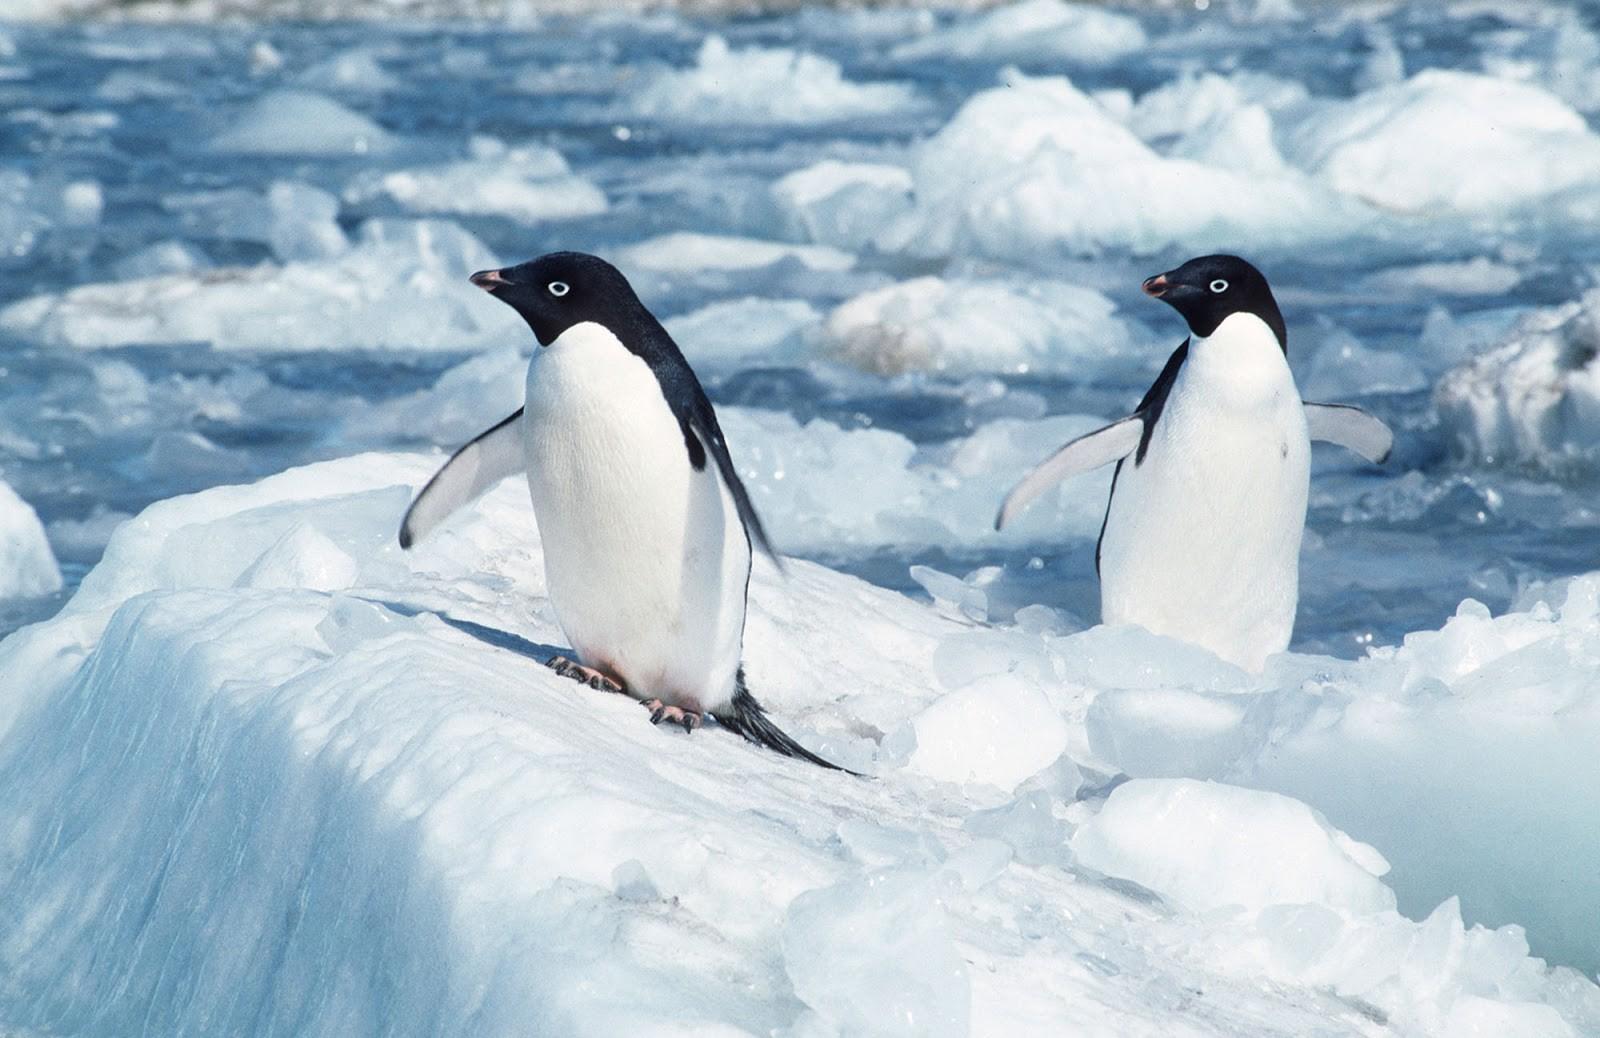 Hai chú chim cánh cụt con đang đứng trên băng